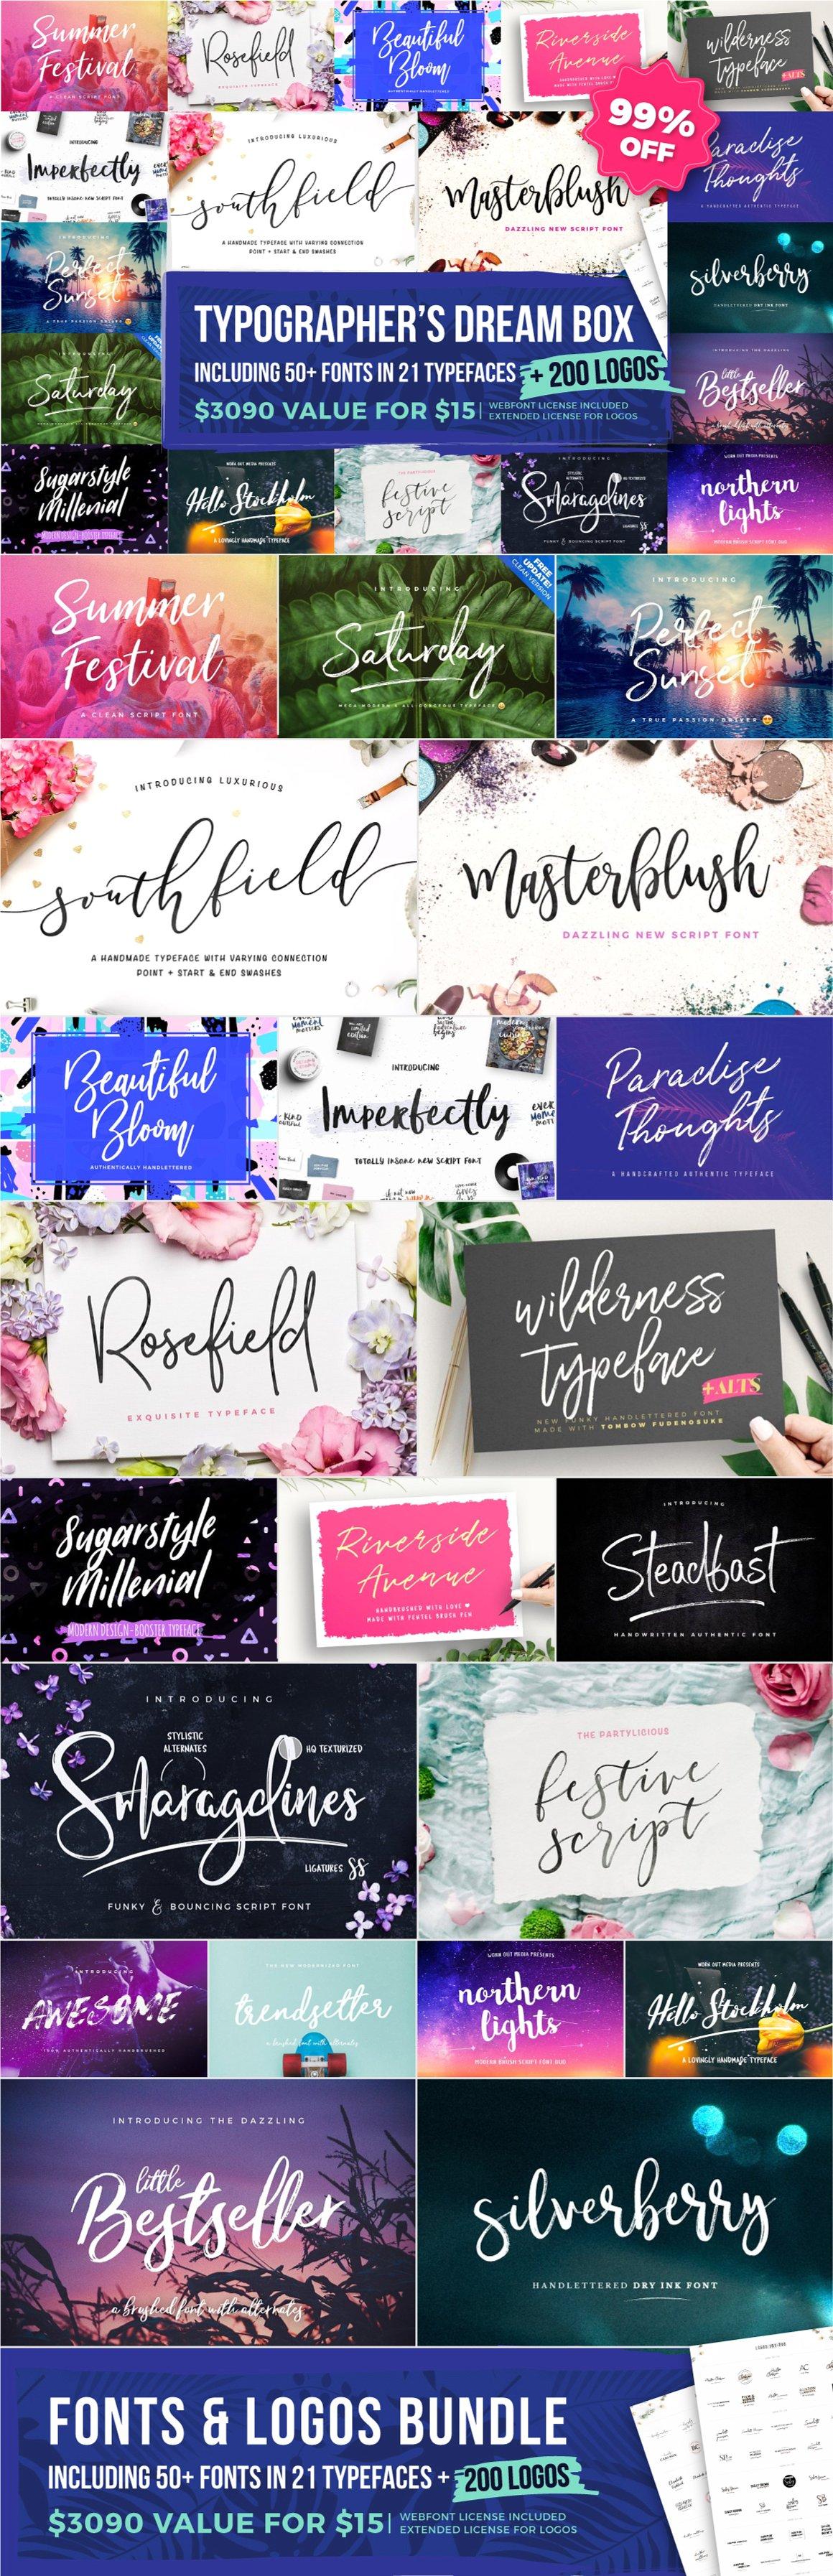 Typographer's Dream Box +200 Logos